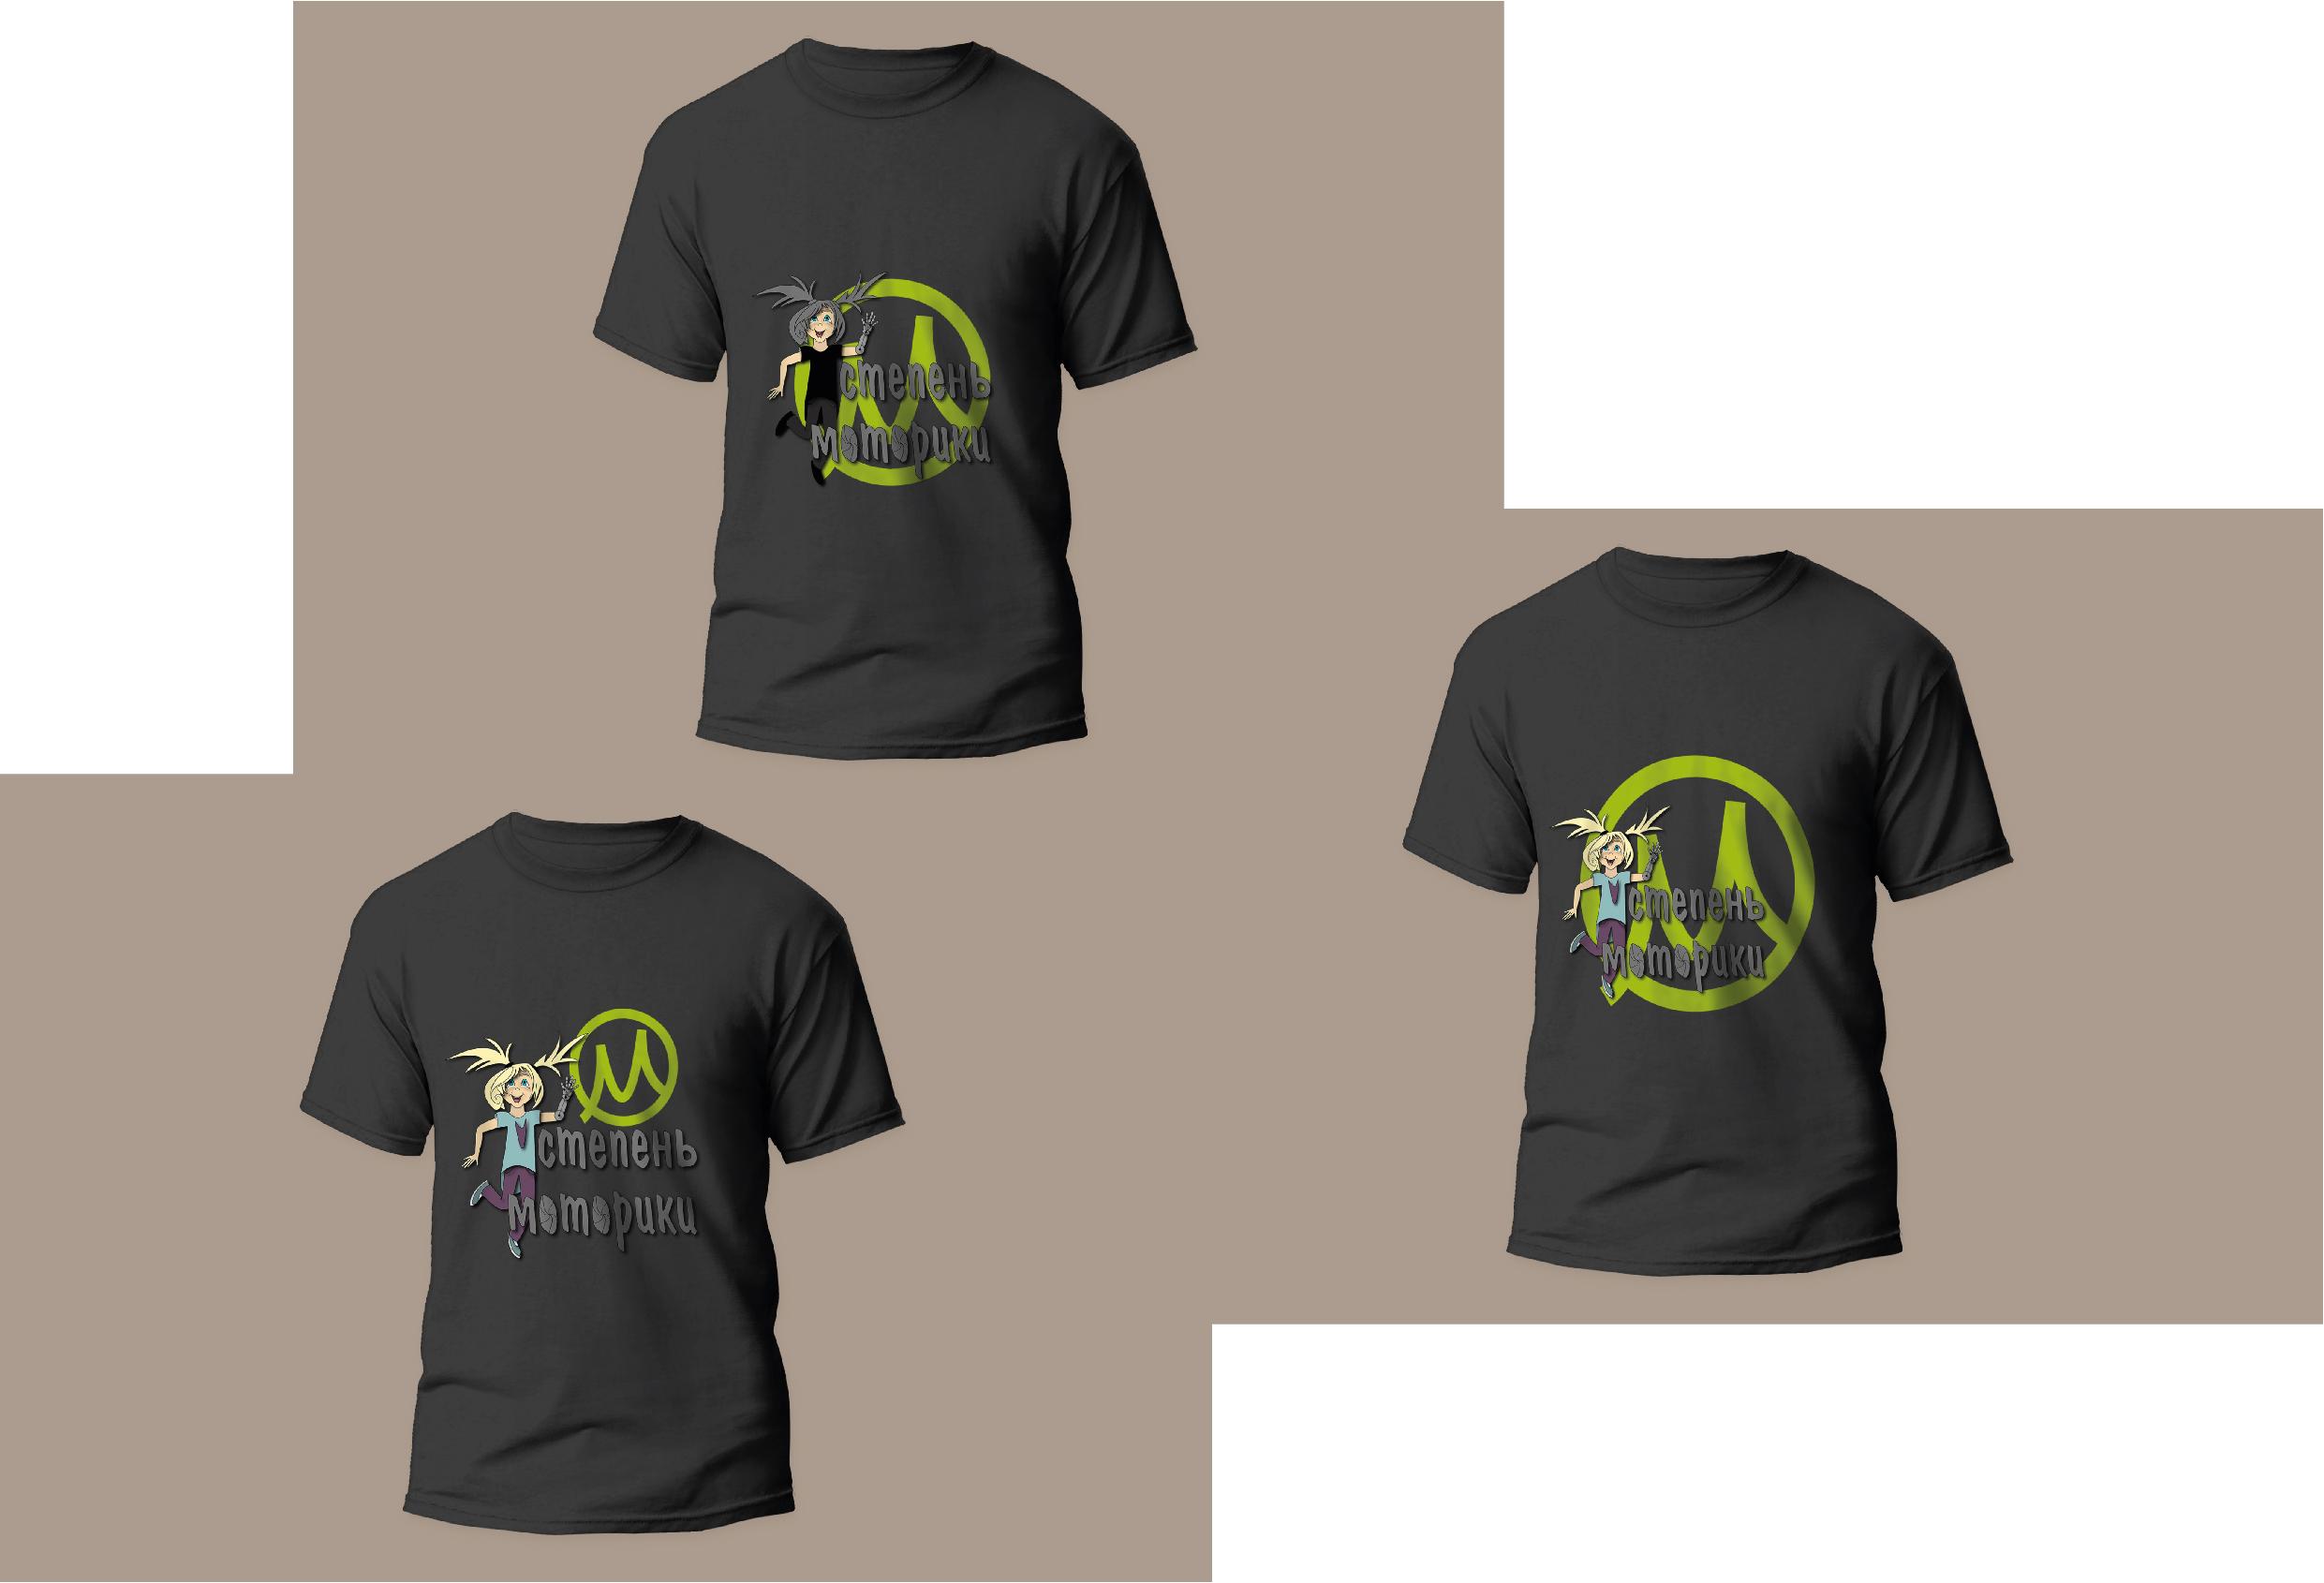 Нарисовать принты на футболки для компании Моторика фото f_770609ceef6aa871.jpg